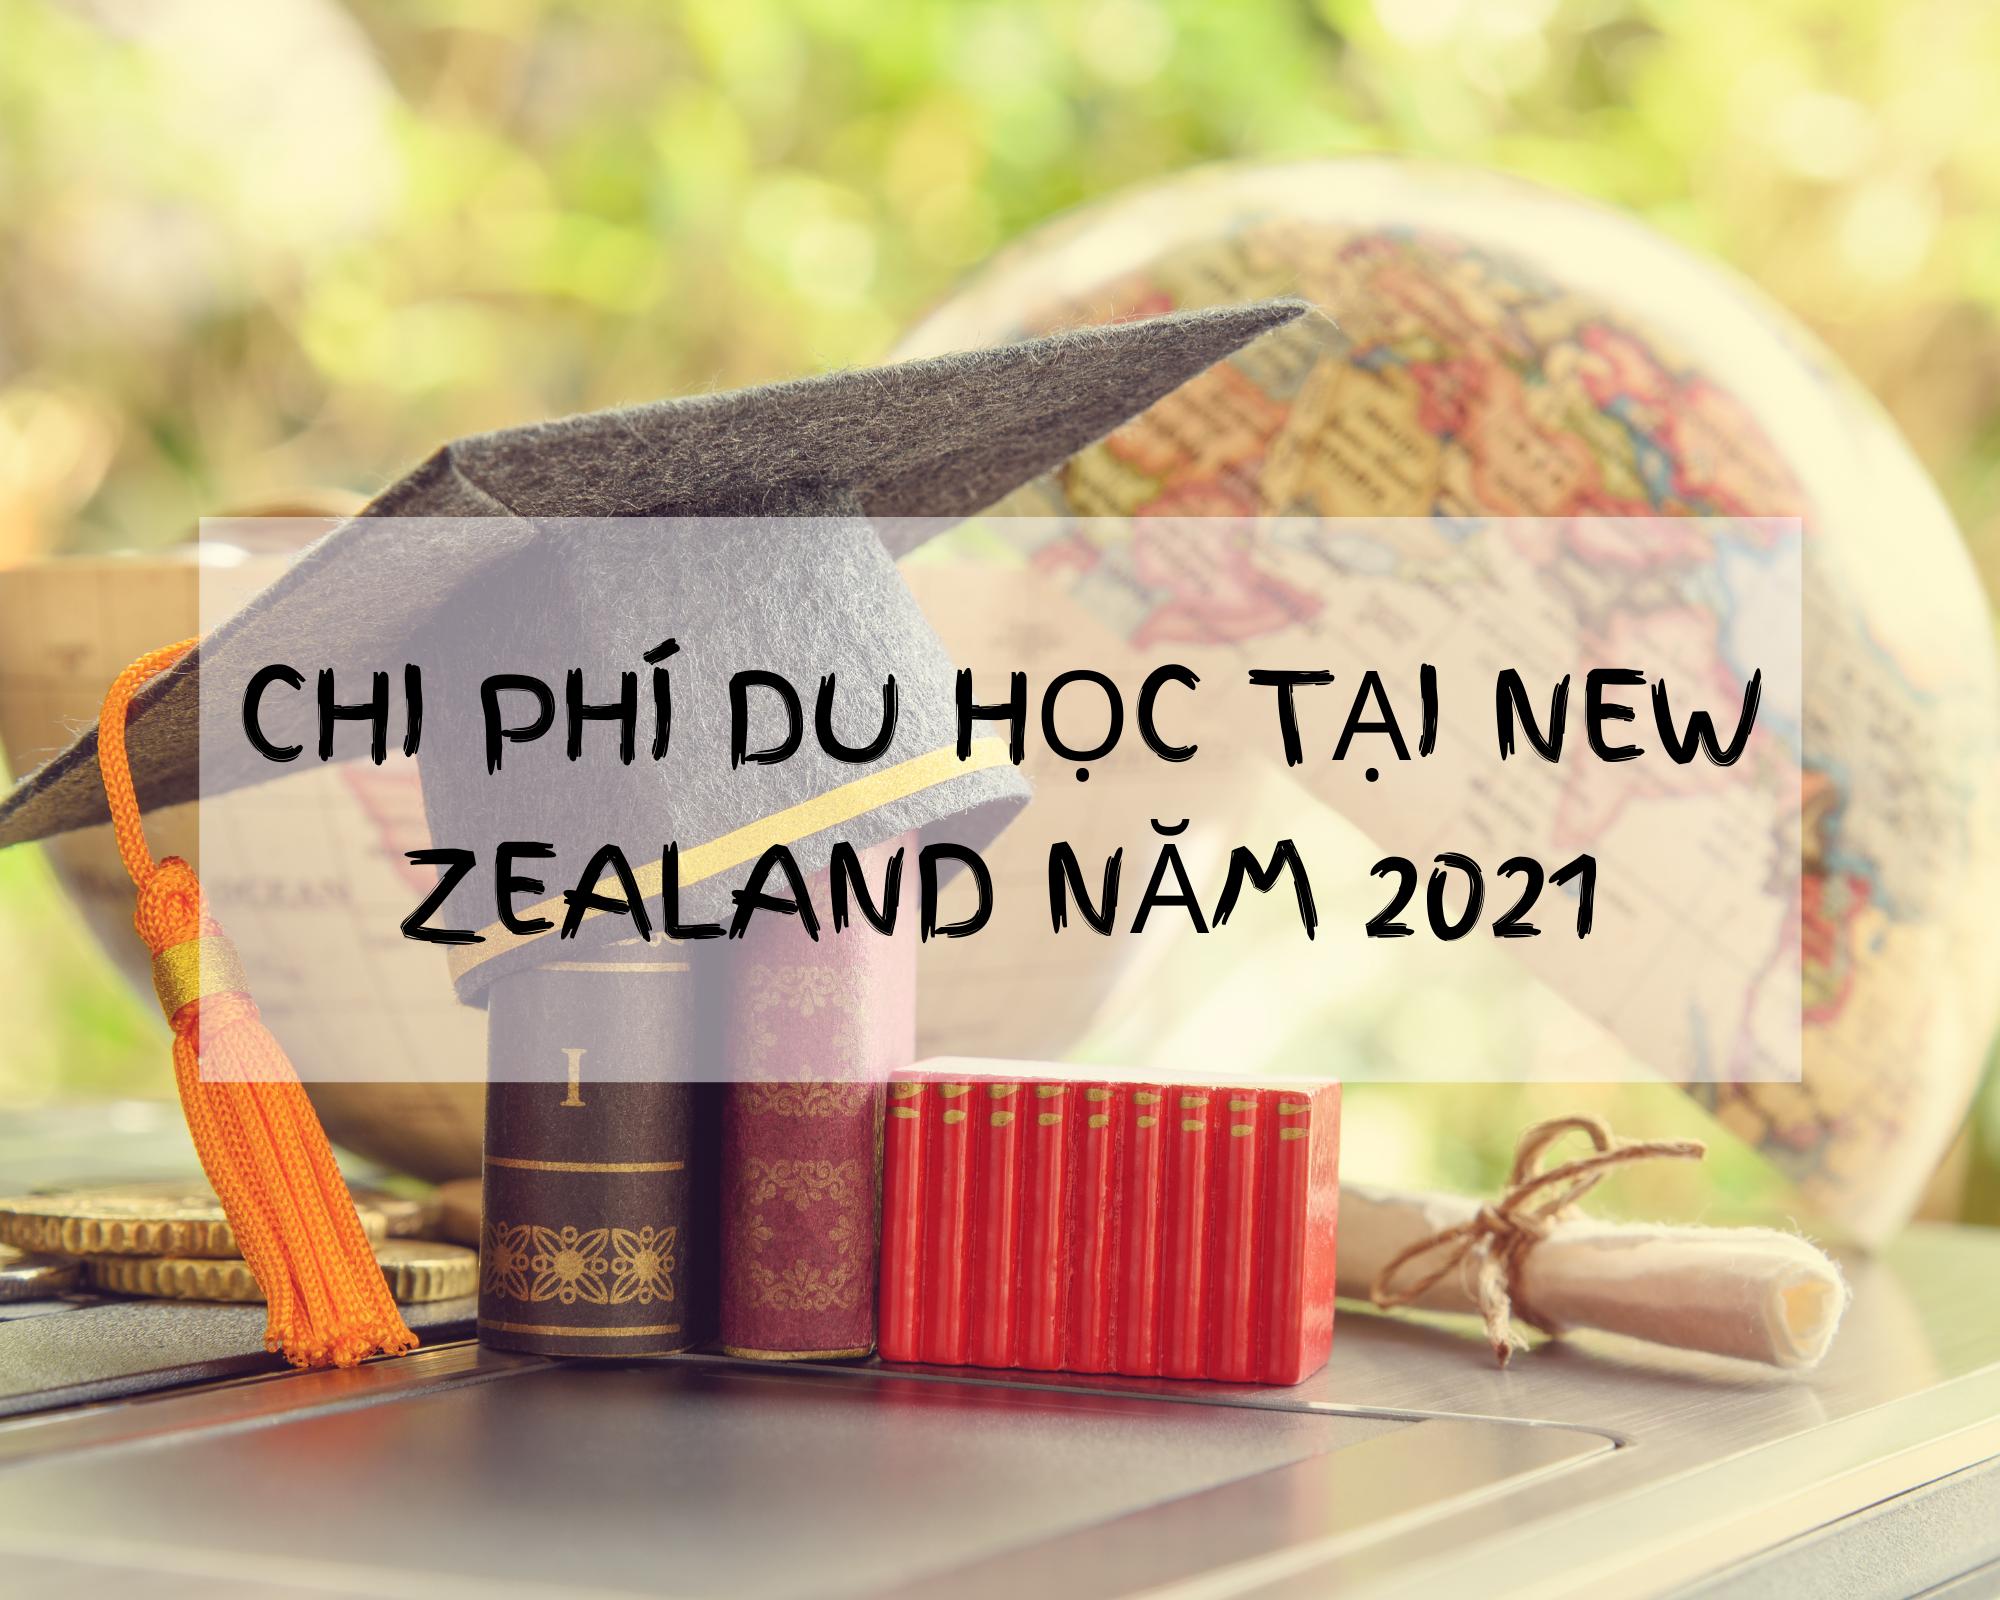 CHI PHÍ DU HỌC TẠI NEW ZEALAND NĂM 2021